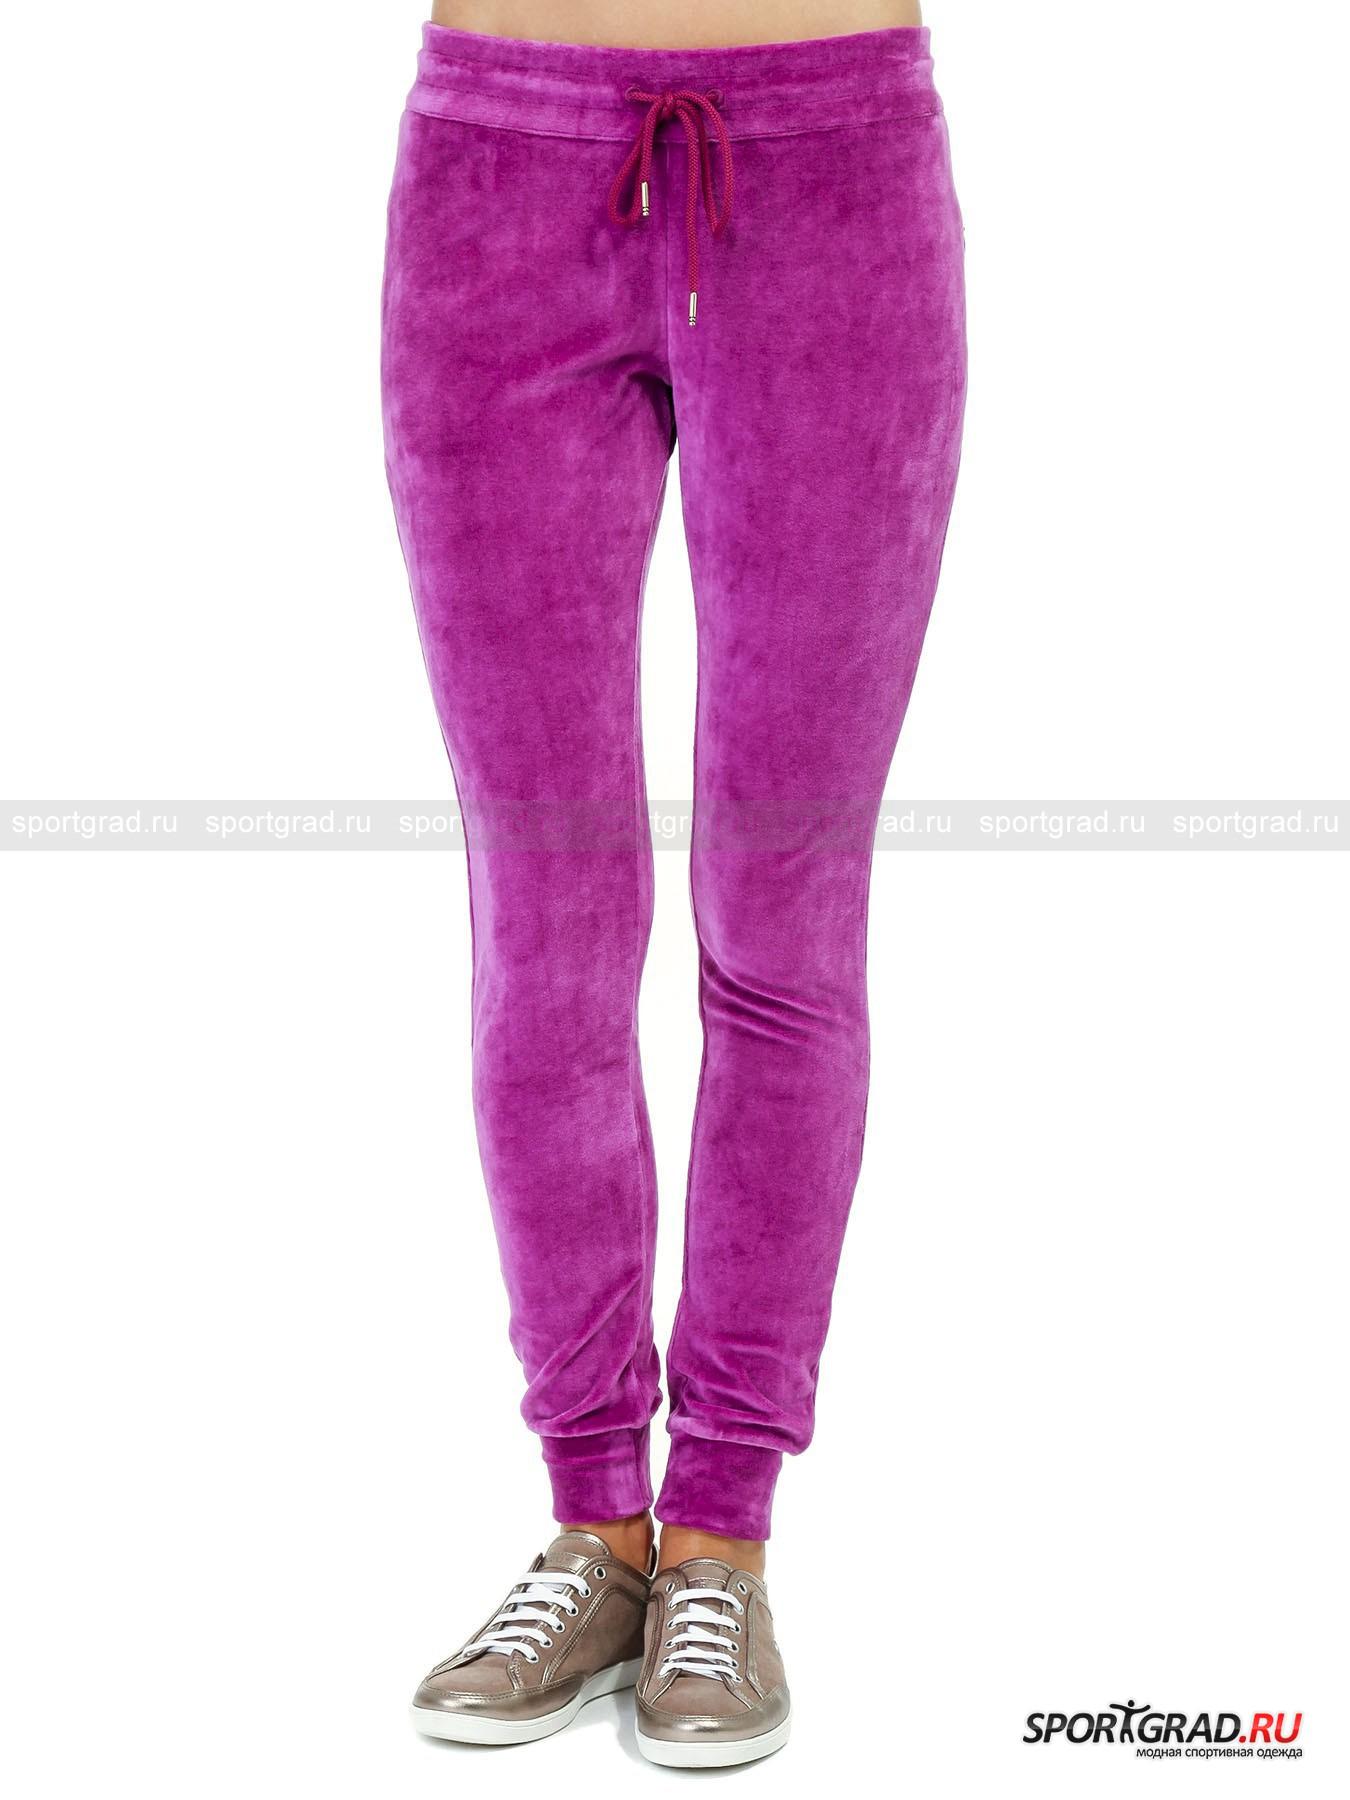 Брюки велюровые женские BIKKEMBERGSБрюки<br>Эти мягкие велюровые брюки от модного итальянского бренда DIRK BIKKEMBERGS создана, чтобы дарить Вам комфорт. Они гармонично сочетают в себе стильный внешний вид, продуманный дизайн и элементы роскоши. Пояс сзади украшен выложенным из страз именем бренда, также в данной модели предусмотрено 2 прорезных кармана на молнии и удобный притачной пояс на  шнурке. Выразительный итальянский стиль и непревзойдённый комфорт в оригинальном исполнении DIRK BIKKEMBERGS.<br><br>Пол: Женский<br>Возраст: Взрослый<br>Тип: Брюки<br>Рекомендации по уходу: Ручная стирка при 30 градусах, щадящий ручной отжим, гладить при температуре до 120 градусов.<br>Состав: 80% модал, 20% эластан